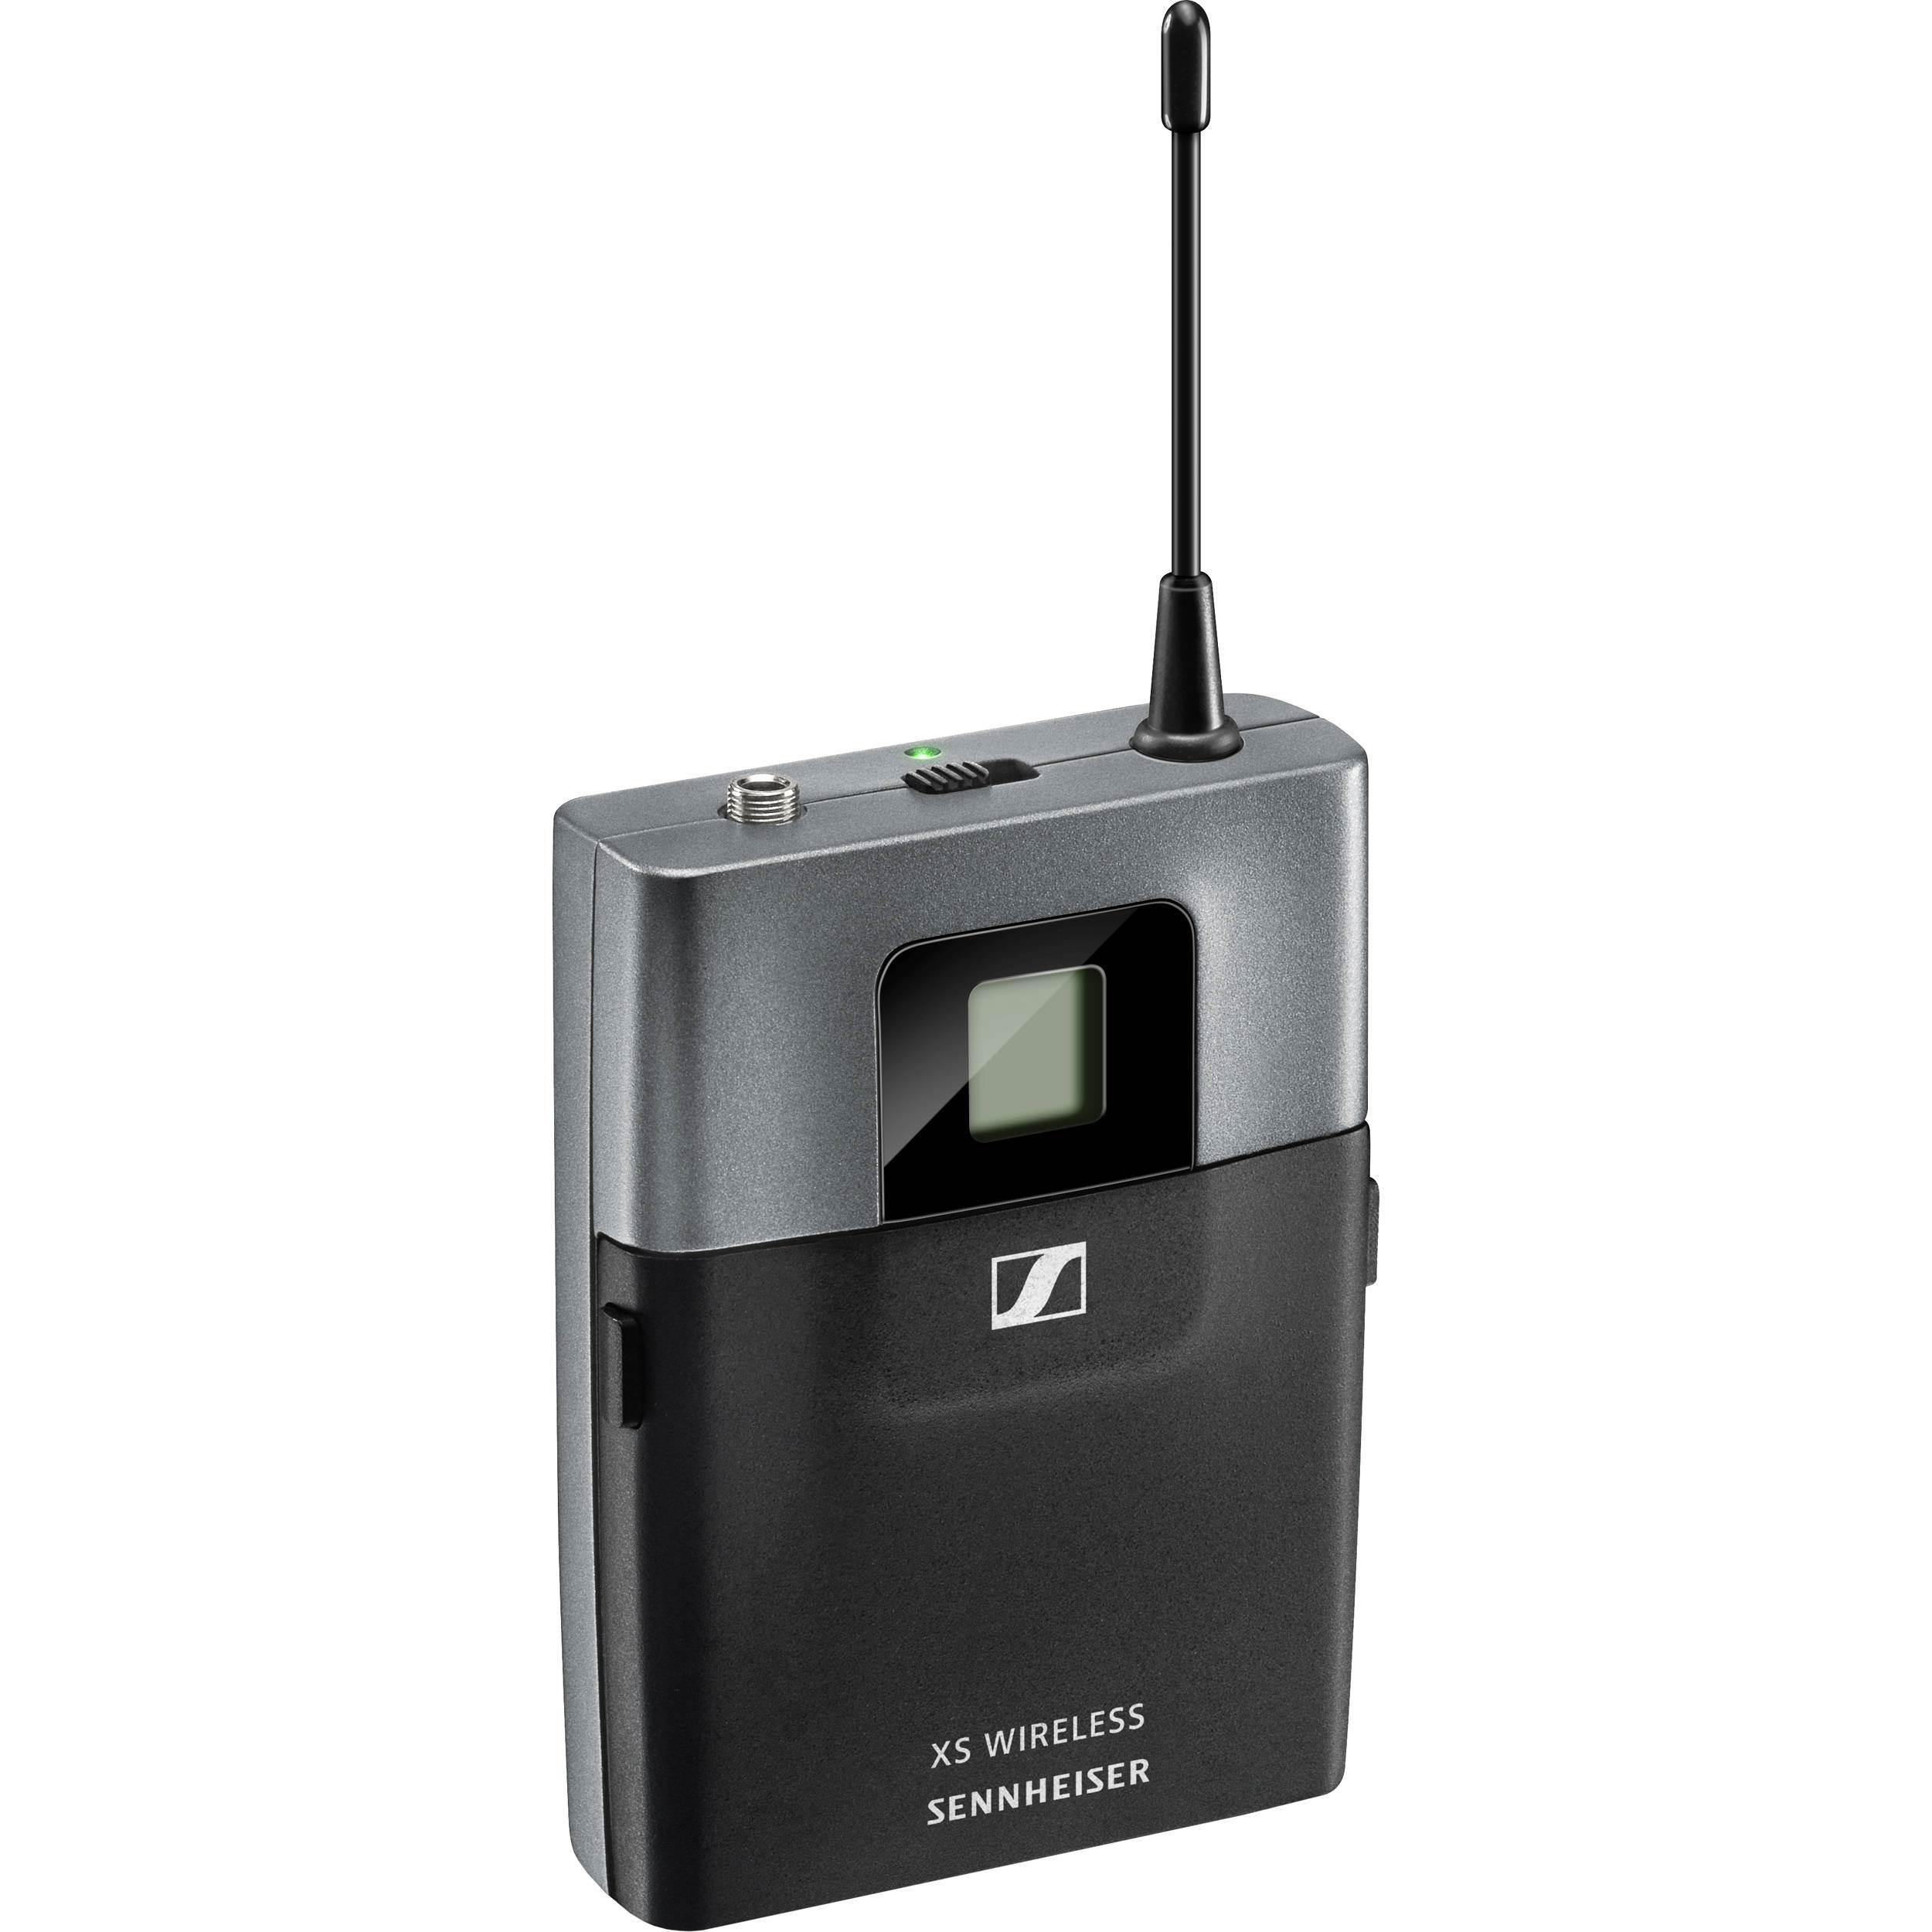 فرستنده کمری میکروفن های بیسیم دیجیتال حرفه ای ساخت کمپانی Sennheiser ( سن هایزر ) سری XSW 2